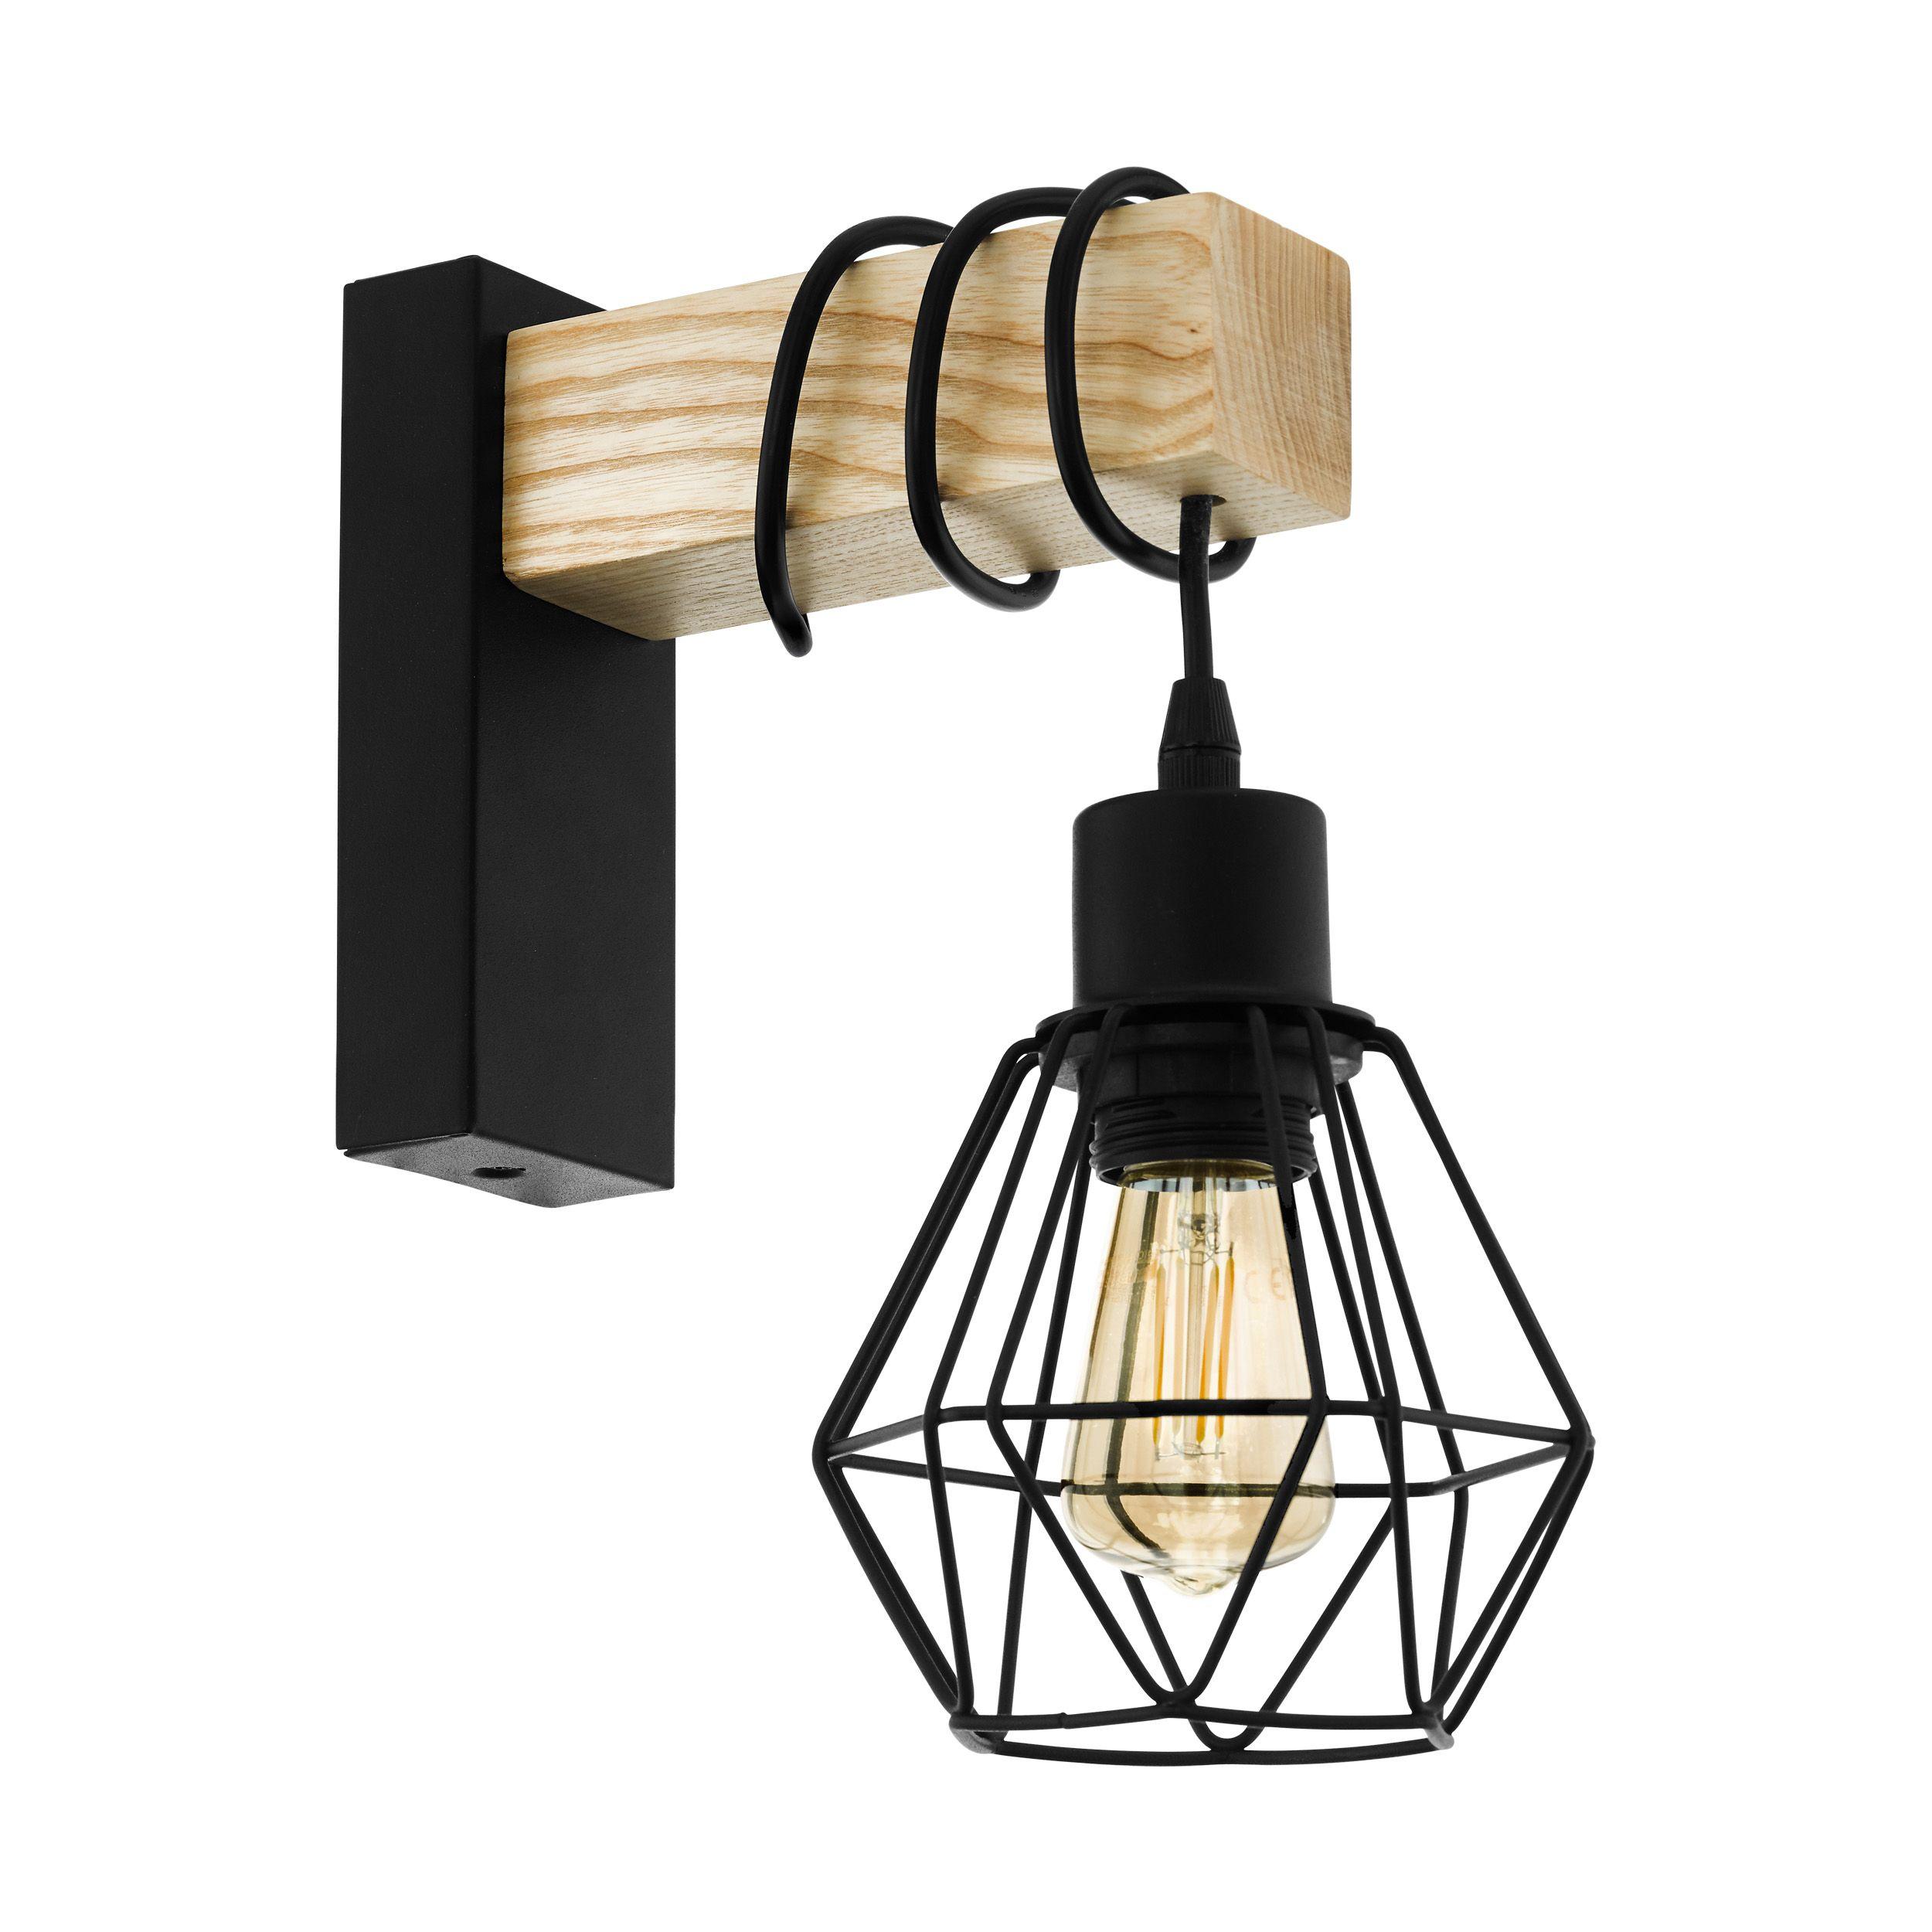 Townshend wandlamp